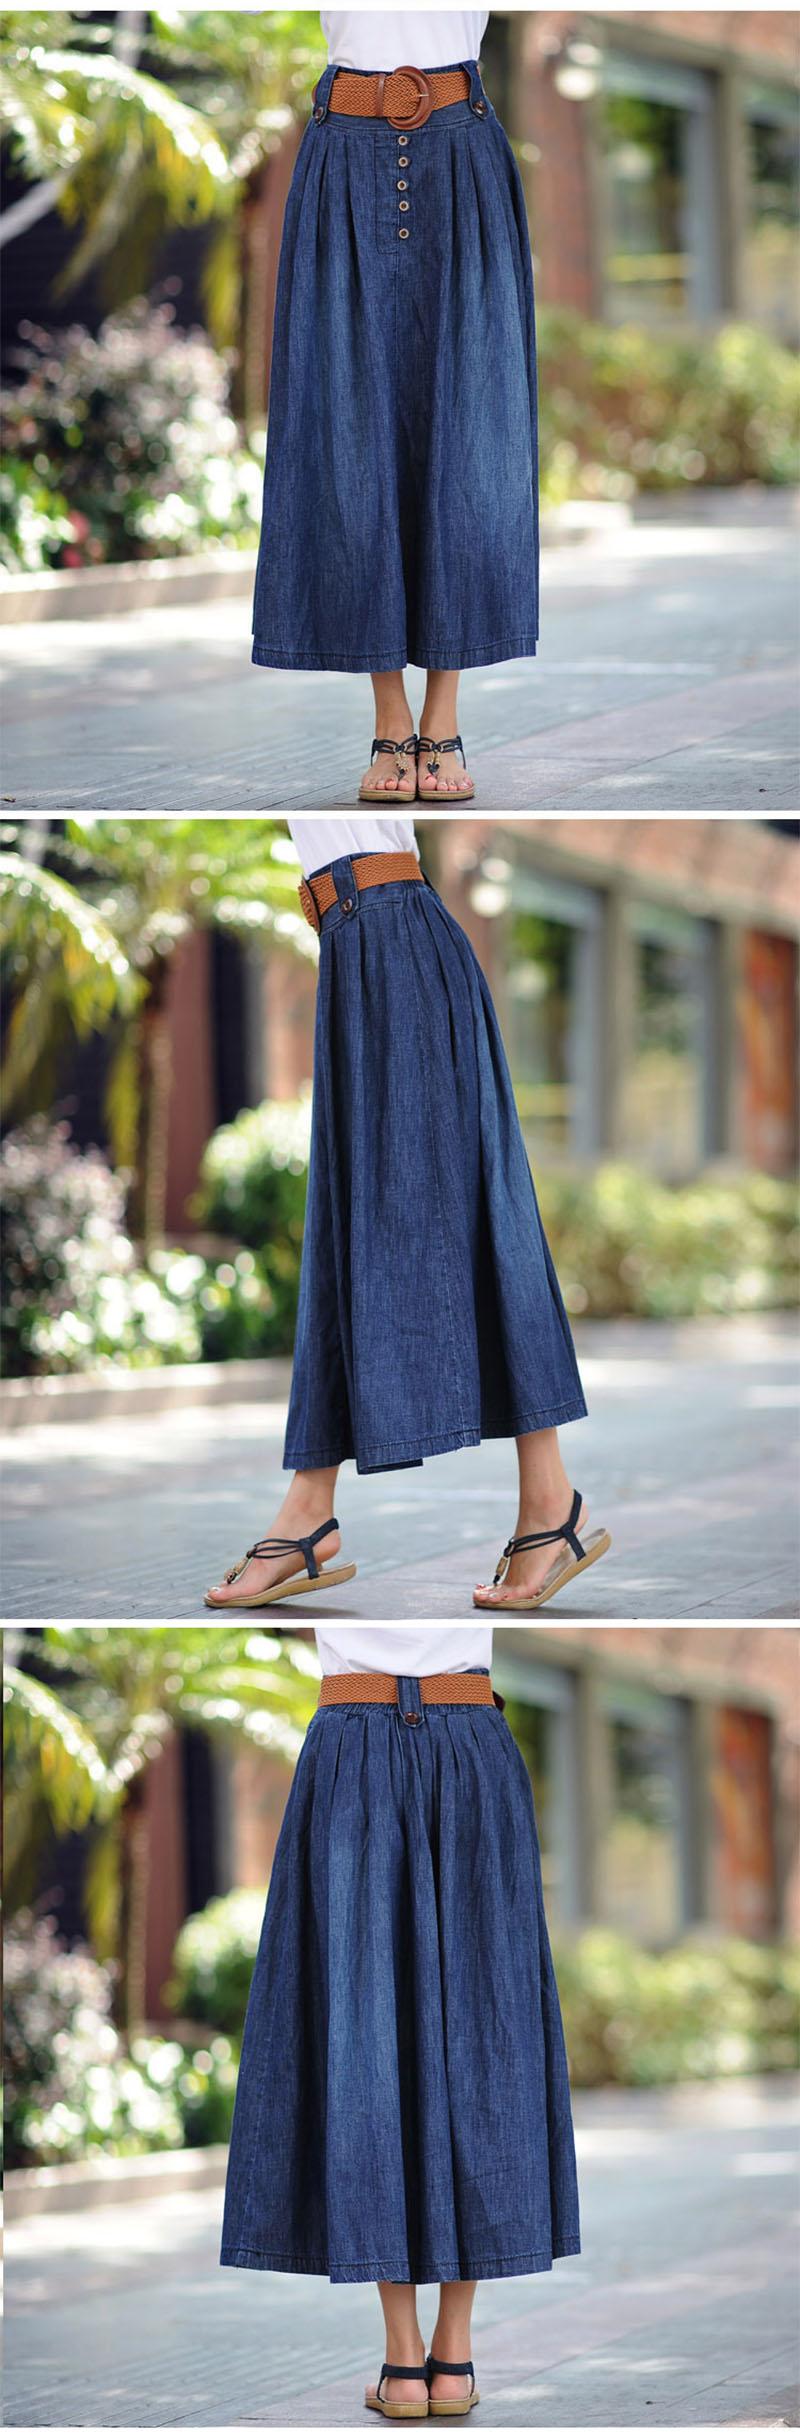 US $20.01 31% OFF|Voobuyla summer Street Style damskie spódniczki dżinsowe wysokiej talii długa jeansowa spódniczka moda damska plisowane spódniczki